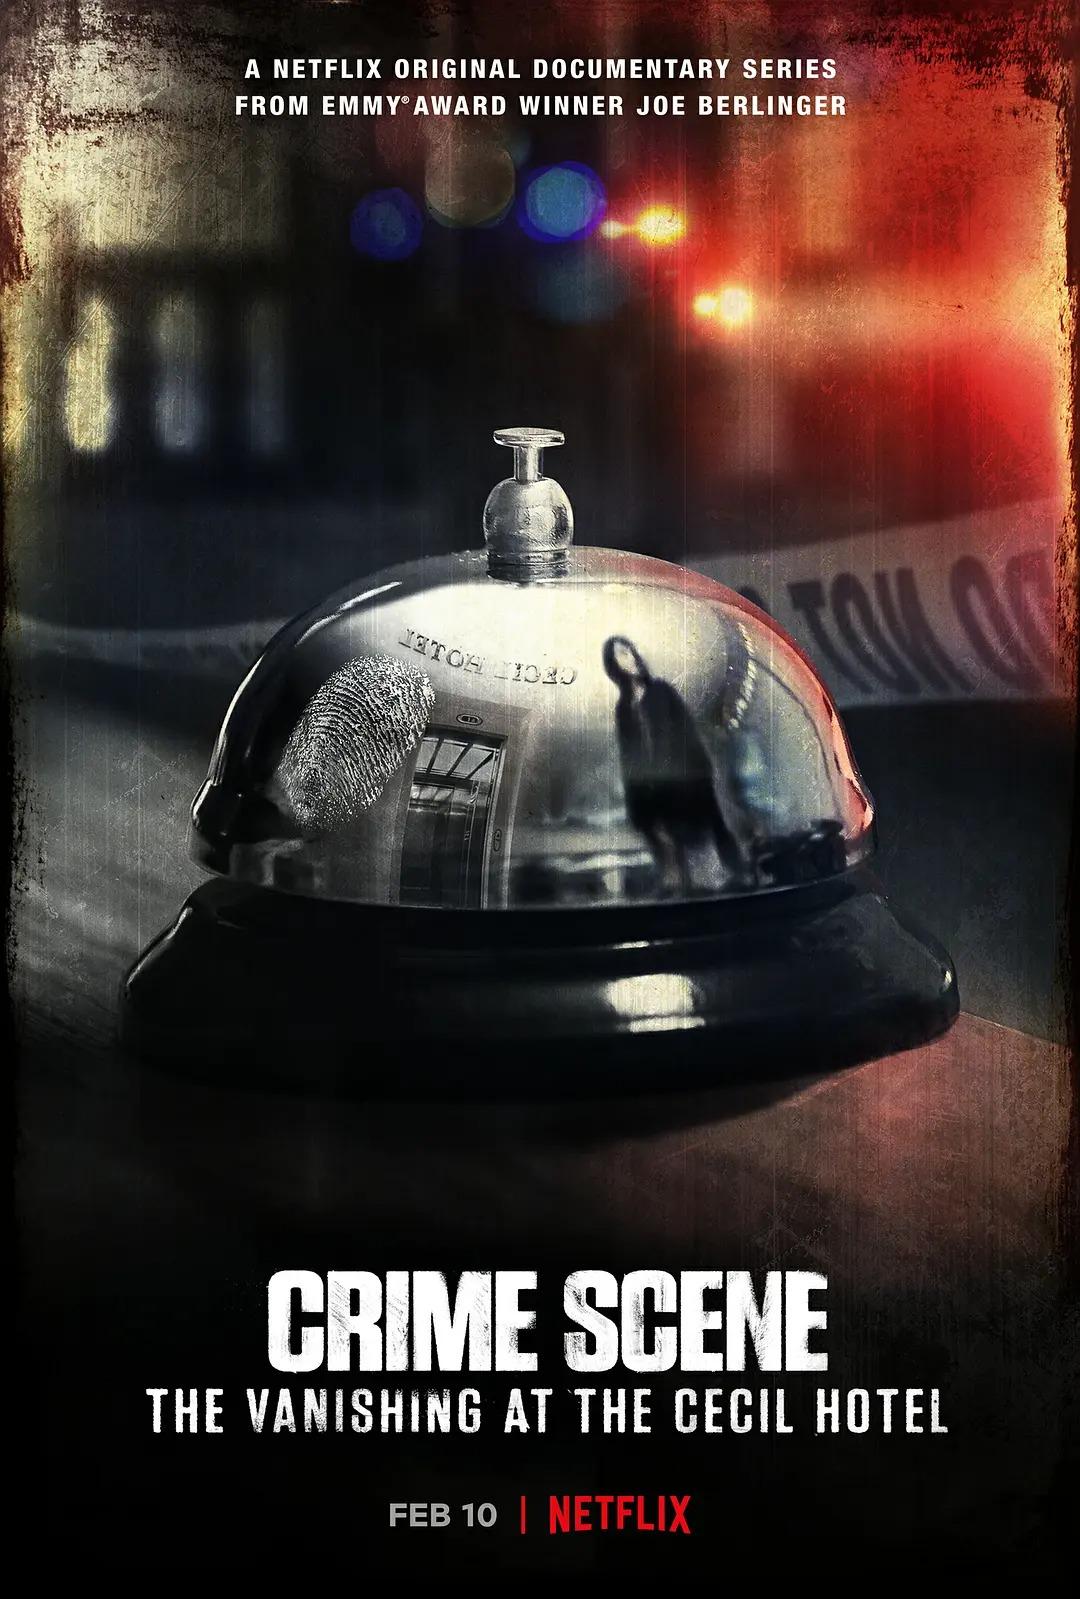 03netflix紀錄片犯罪現場:賽西爾酒店失蹤事件